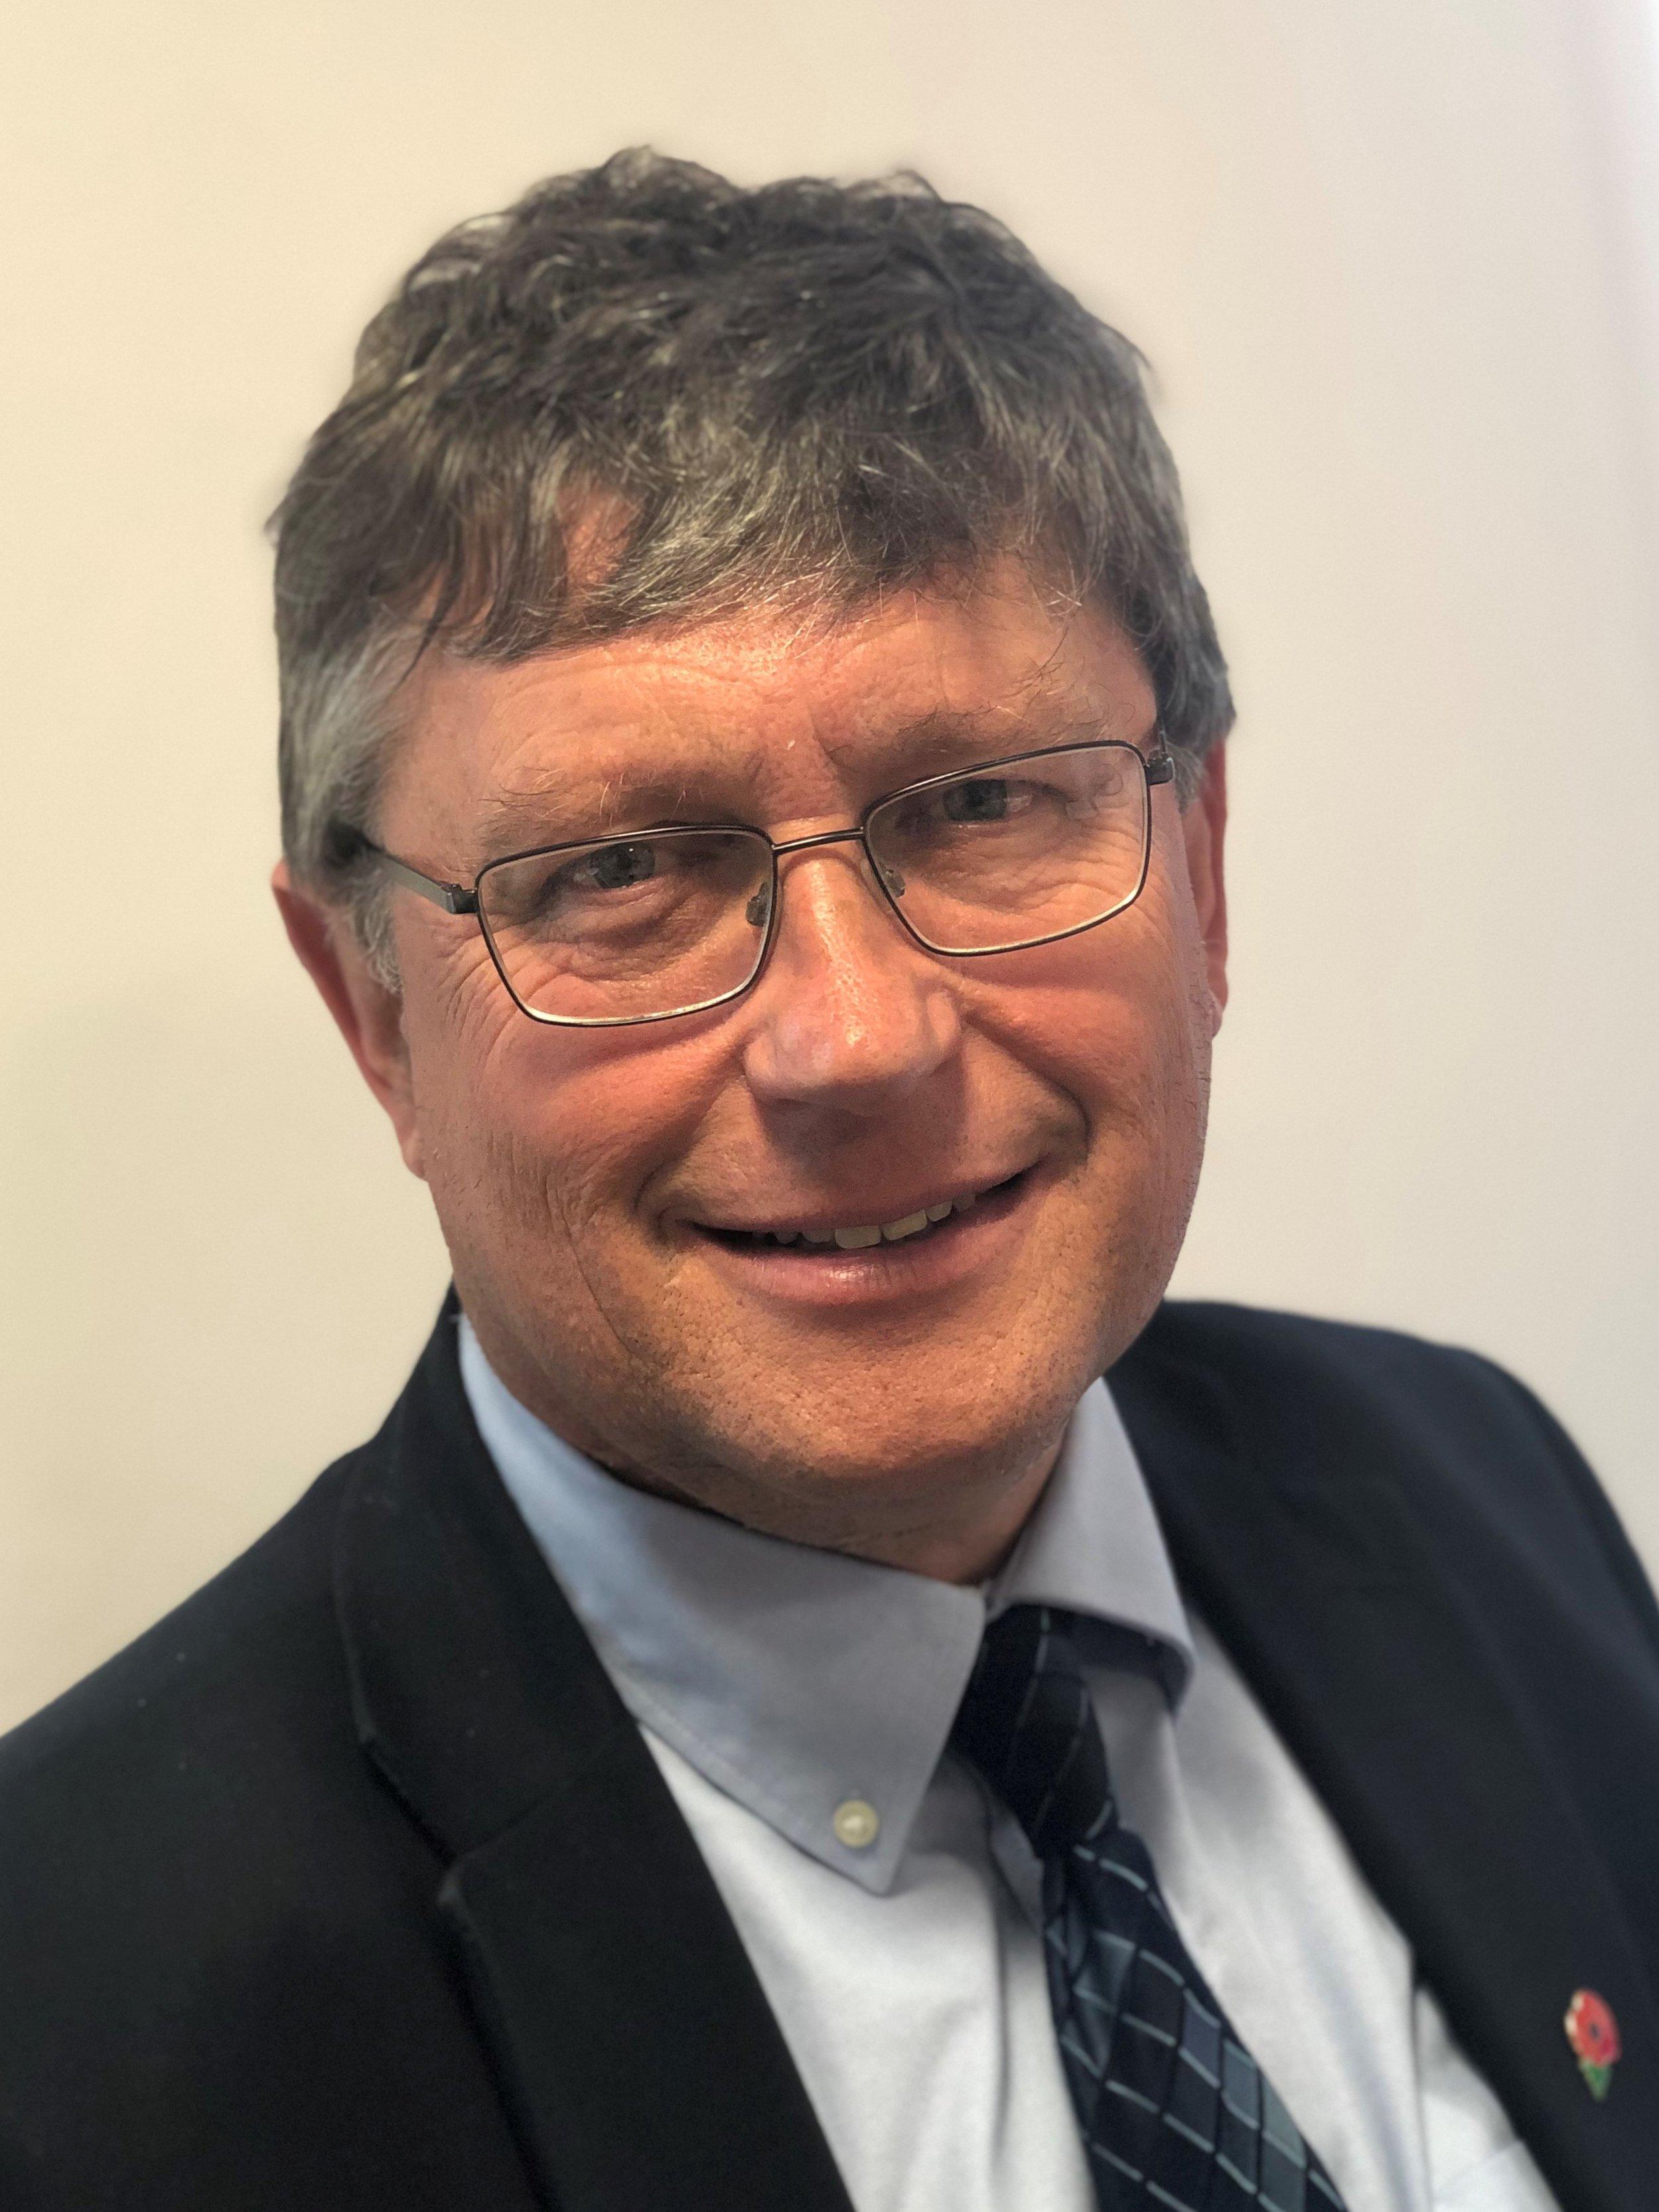 Councillor Rob Bird